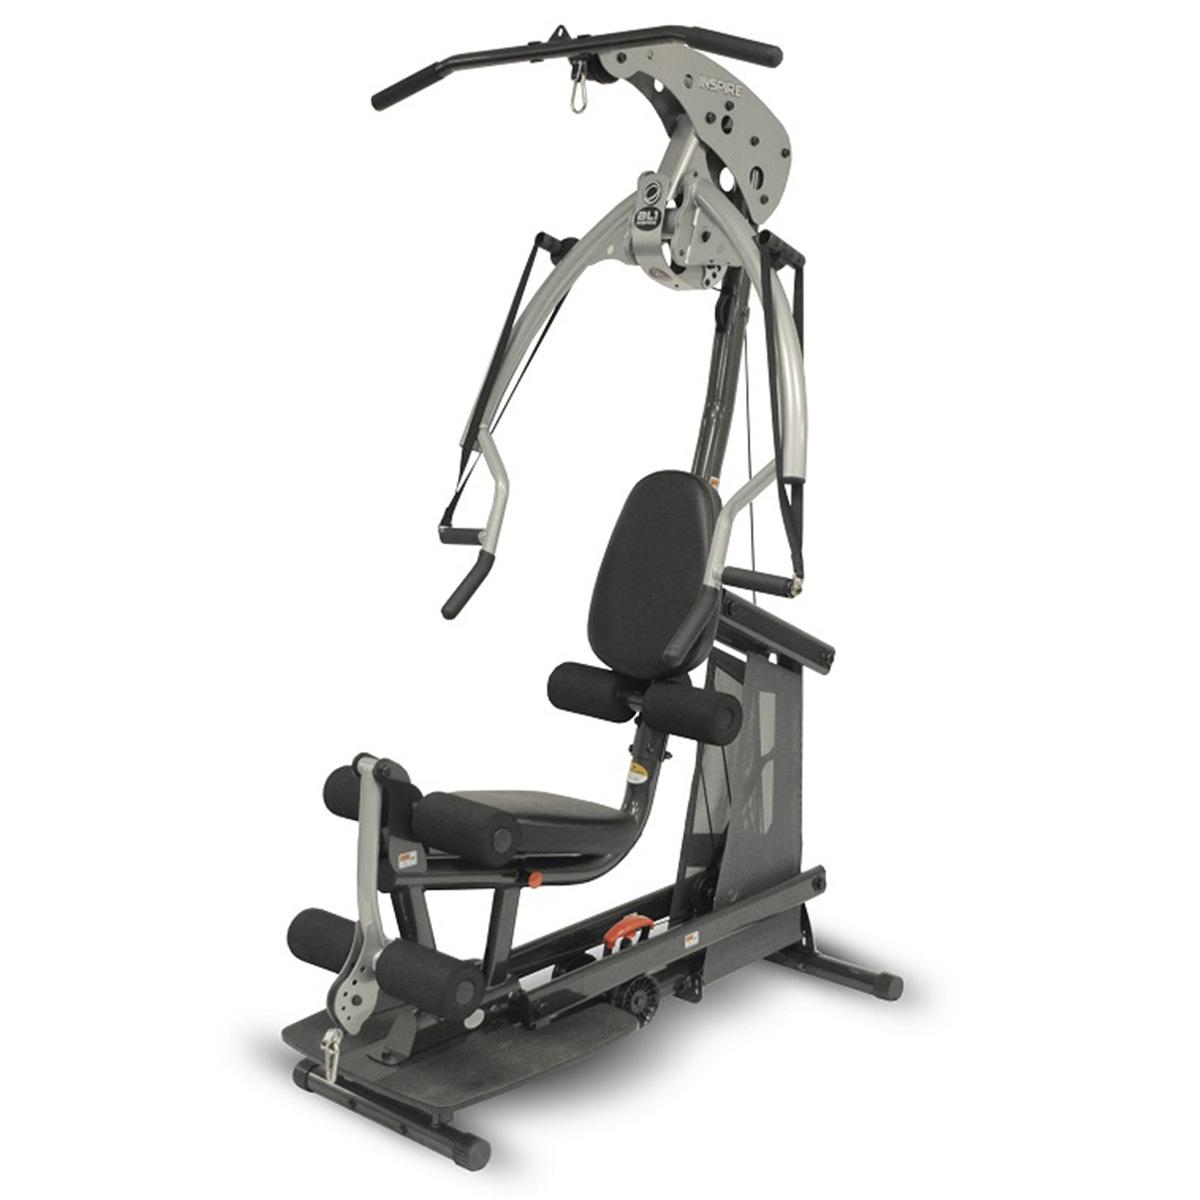 Estação de Musculação Multi-Exercícios sem Placas de Pesos Inspire Body Lift Home Wellness